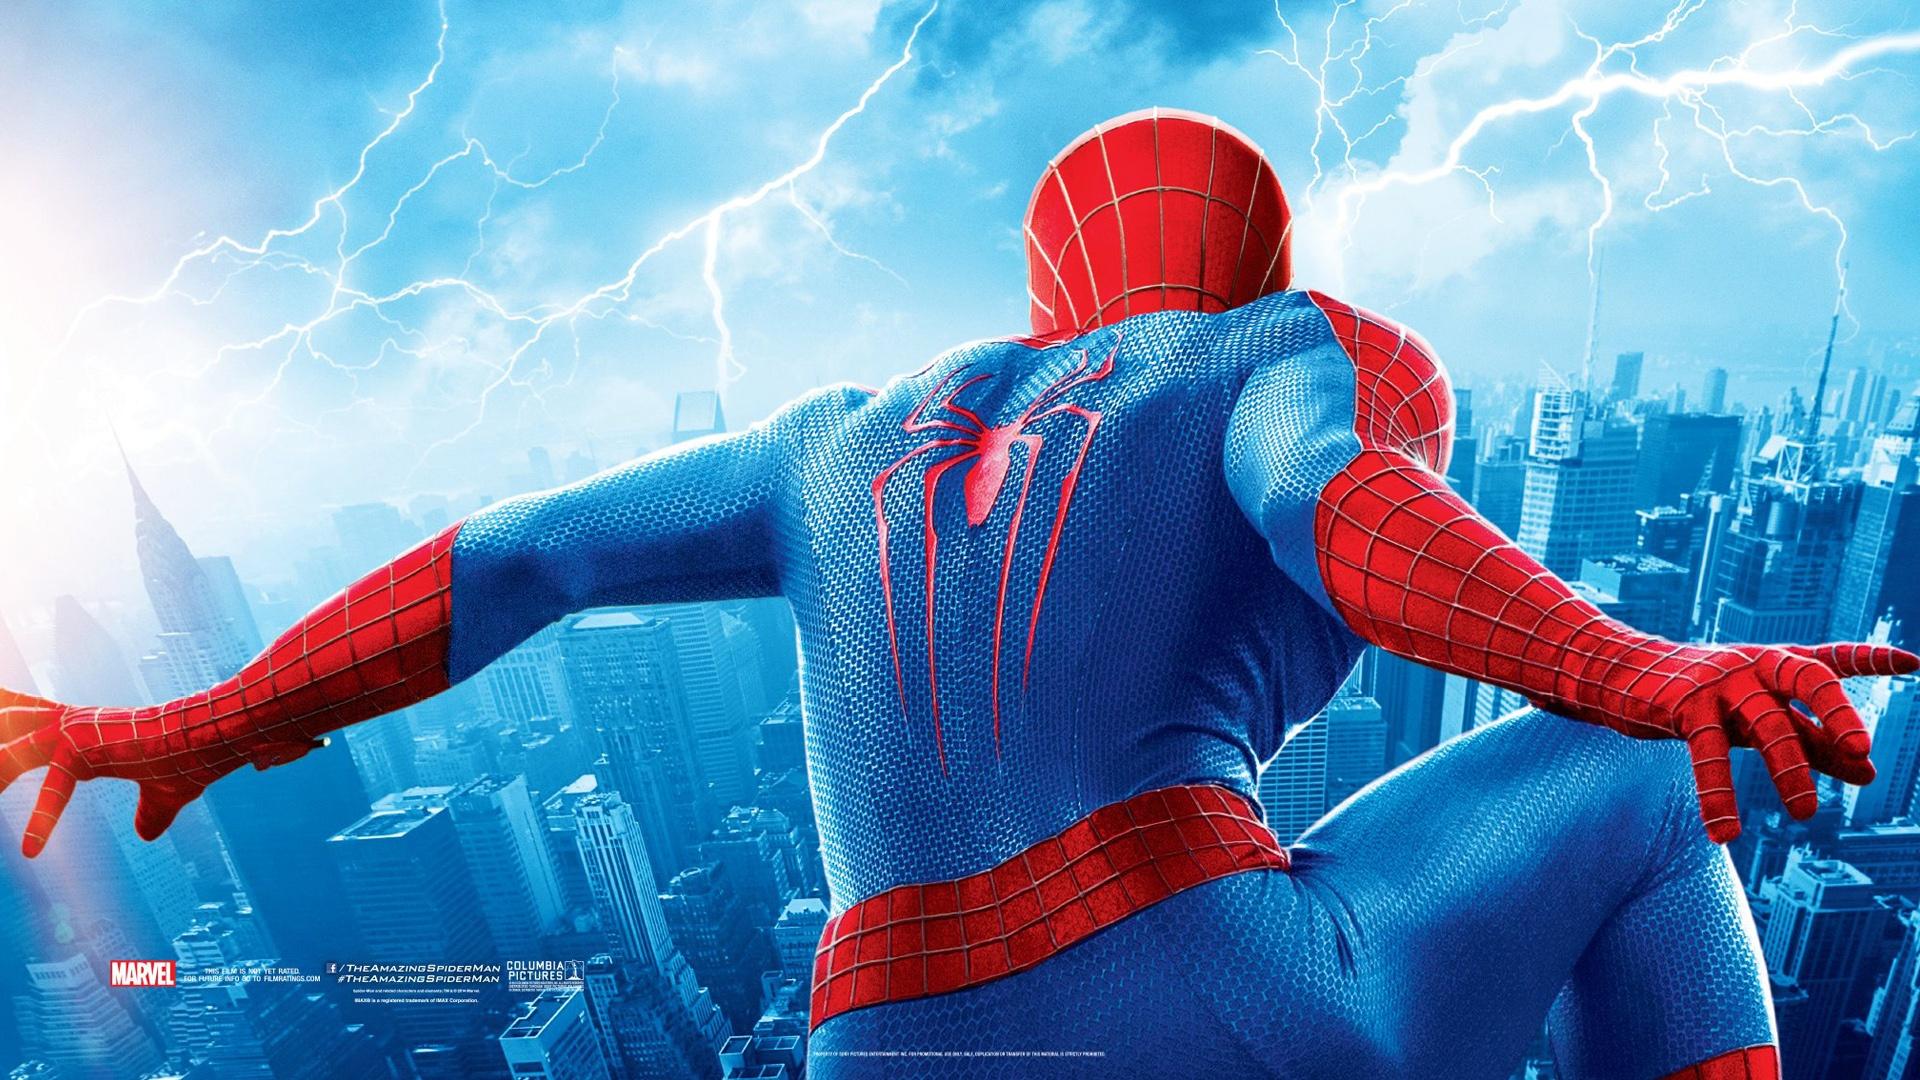 Amazing Spider Man 2 Movie